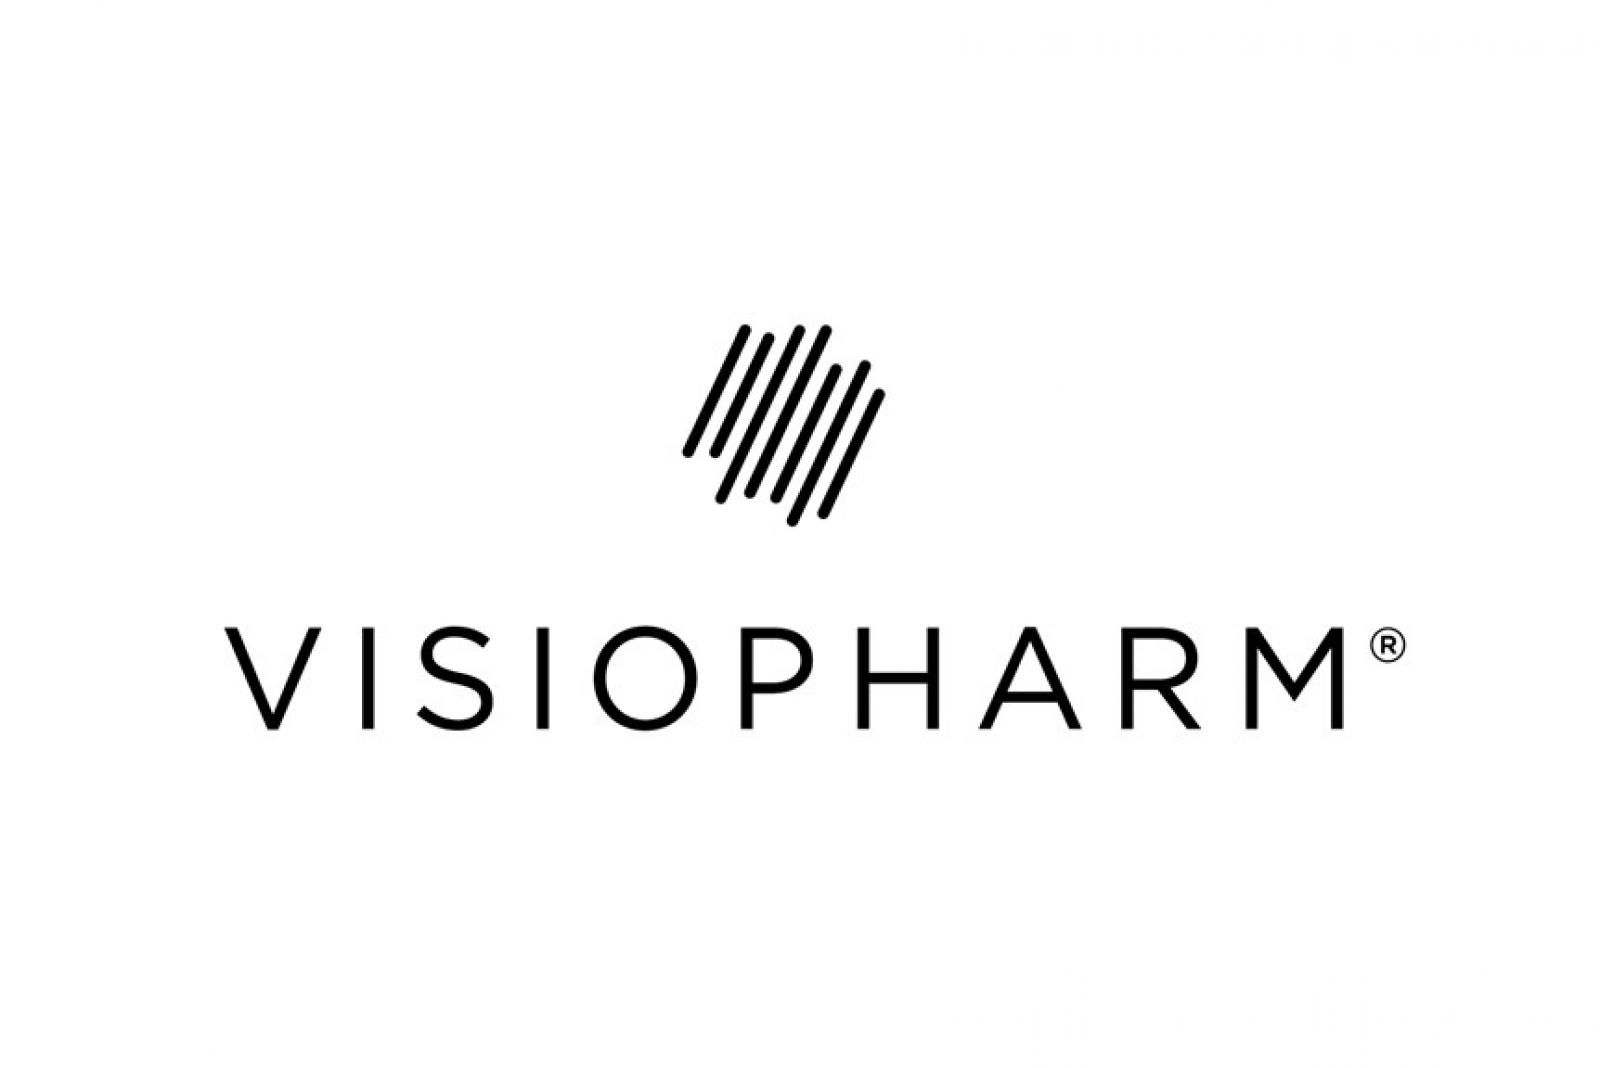 Visiopharm sponsor